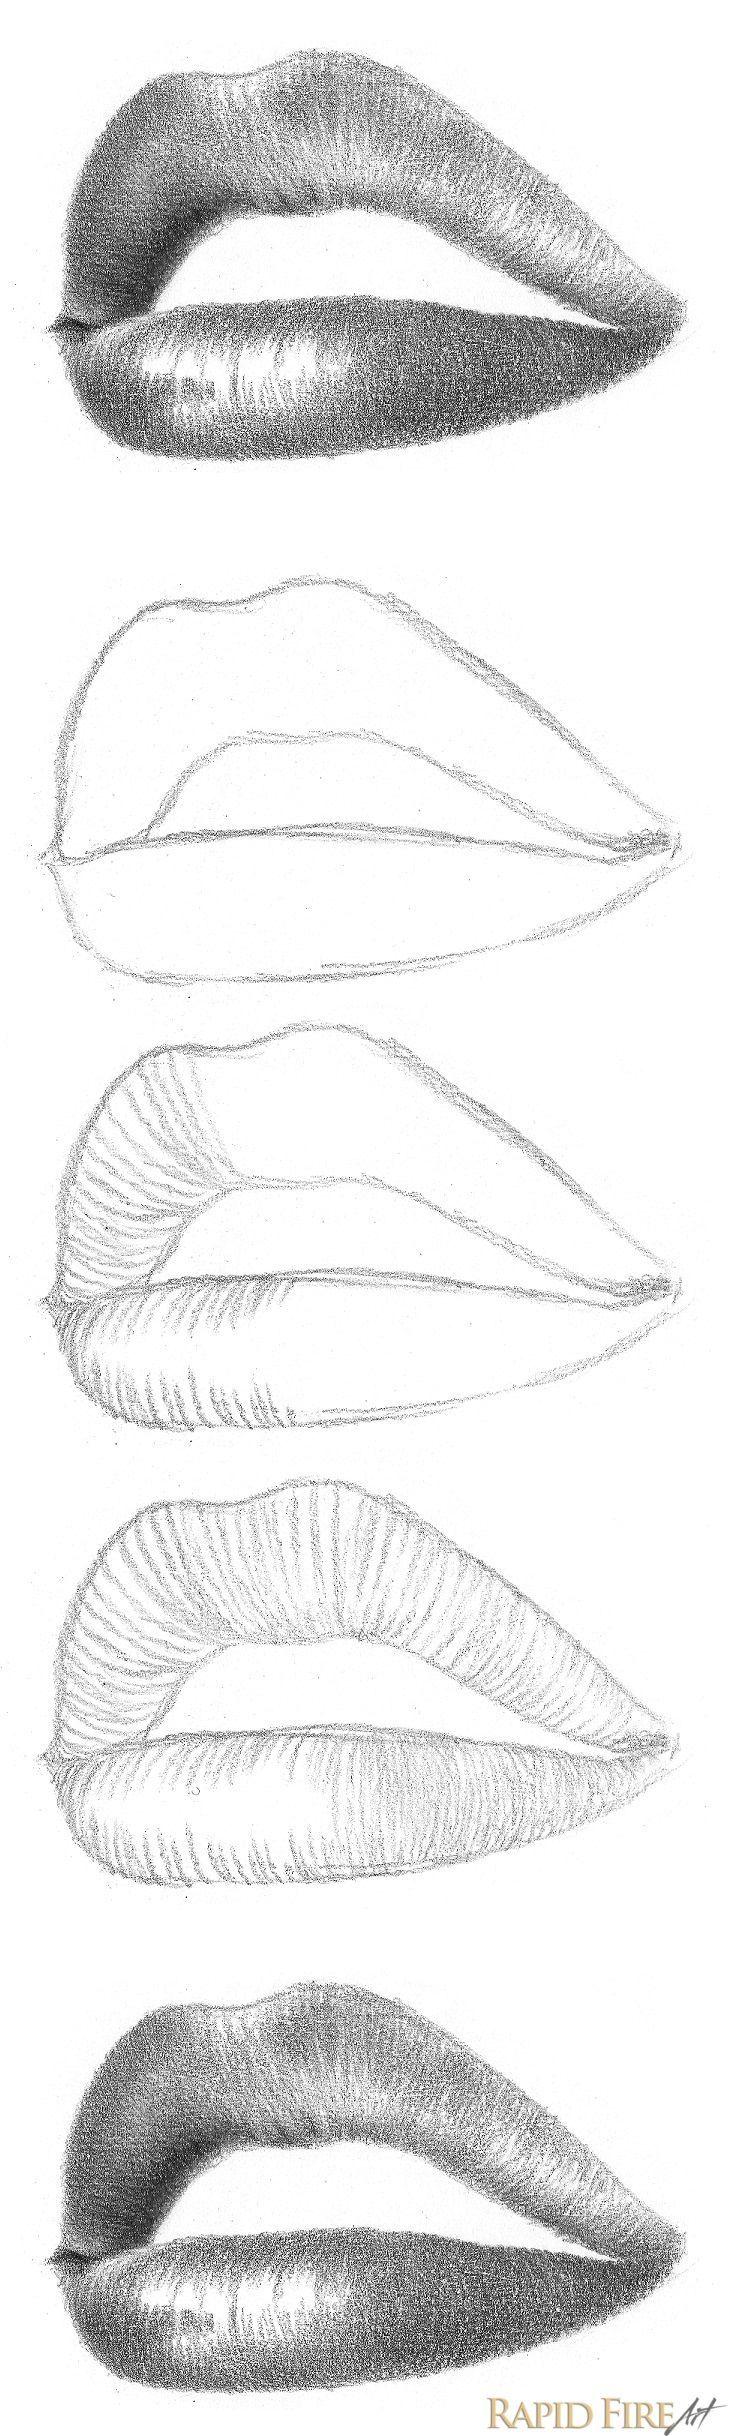 How To Shade Pencil Shading Techniques Dibujos De Labios Como Dibujar Labios Dibujos